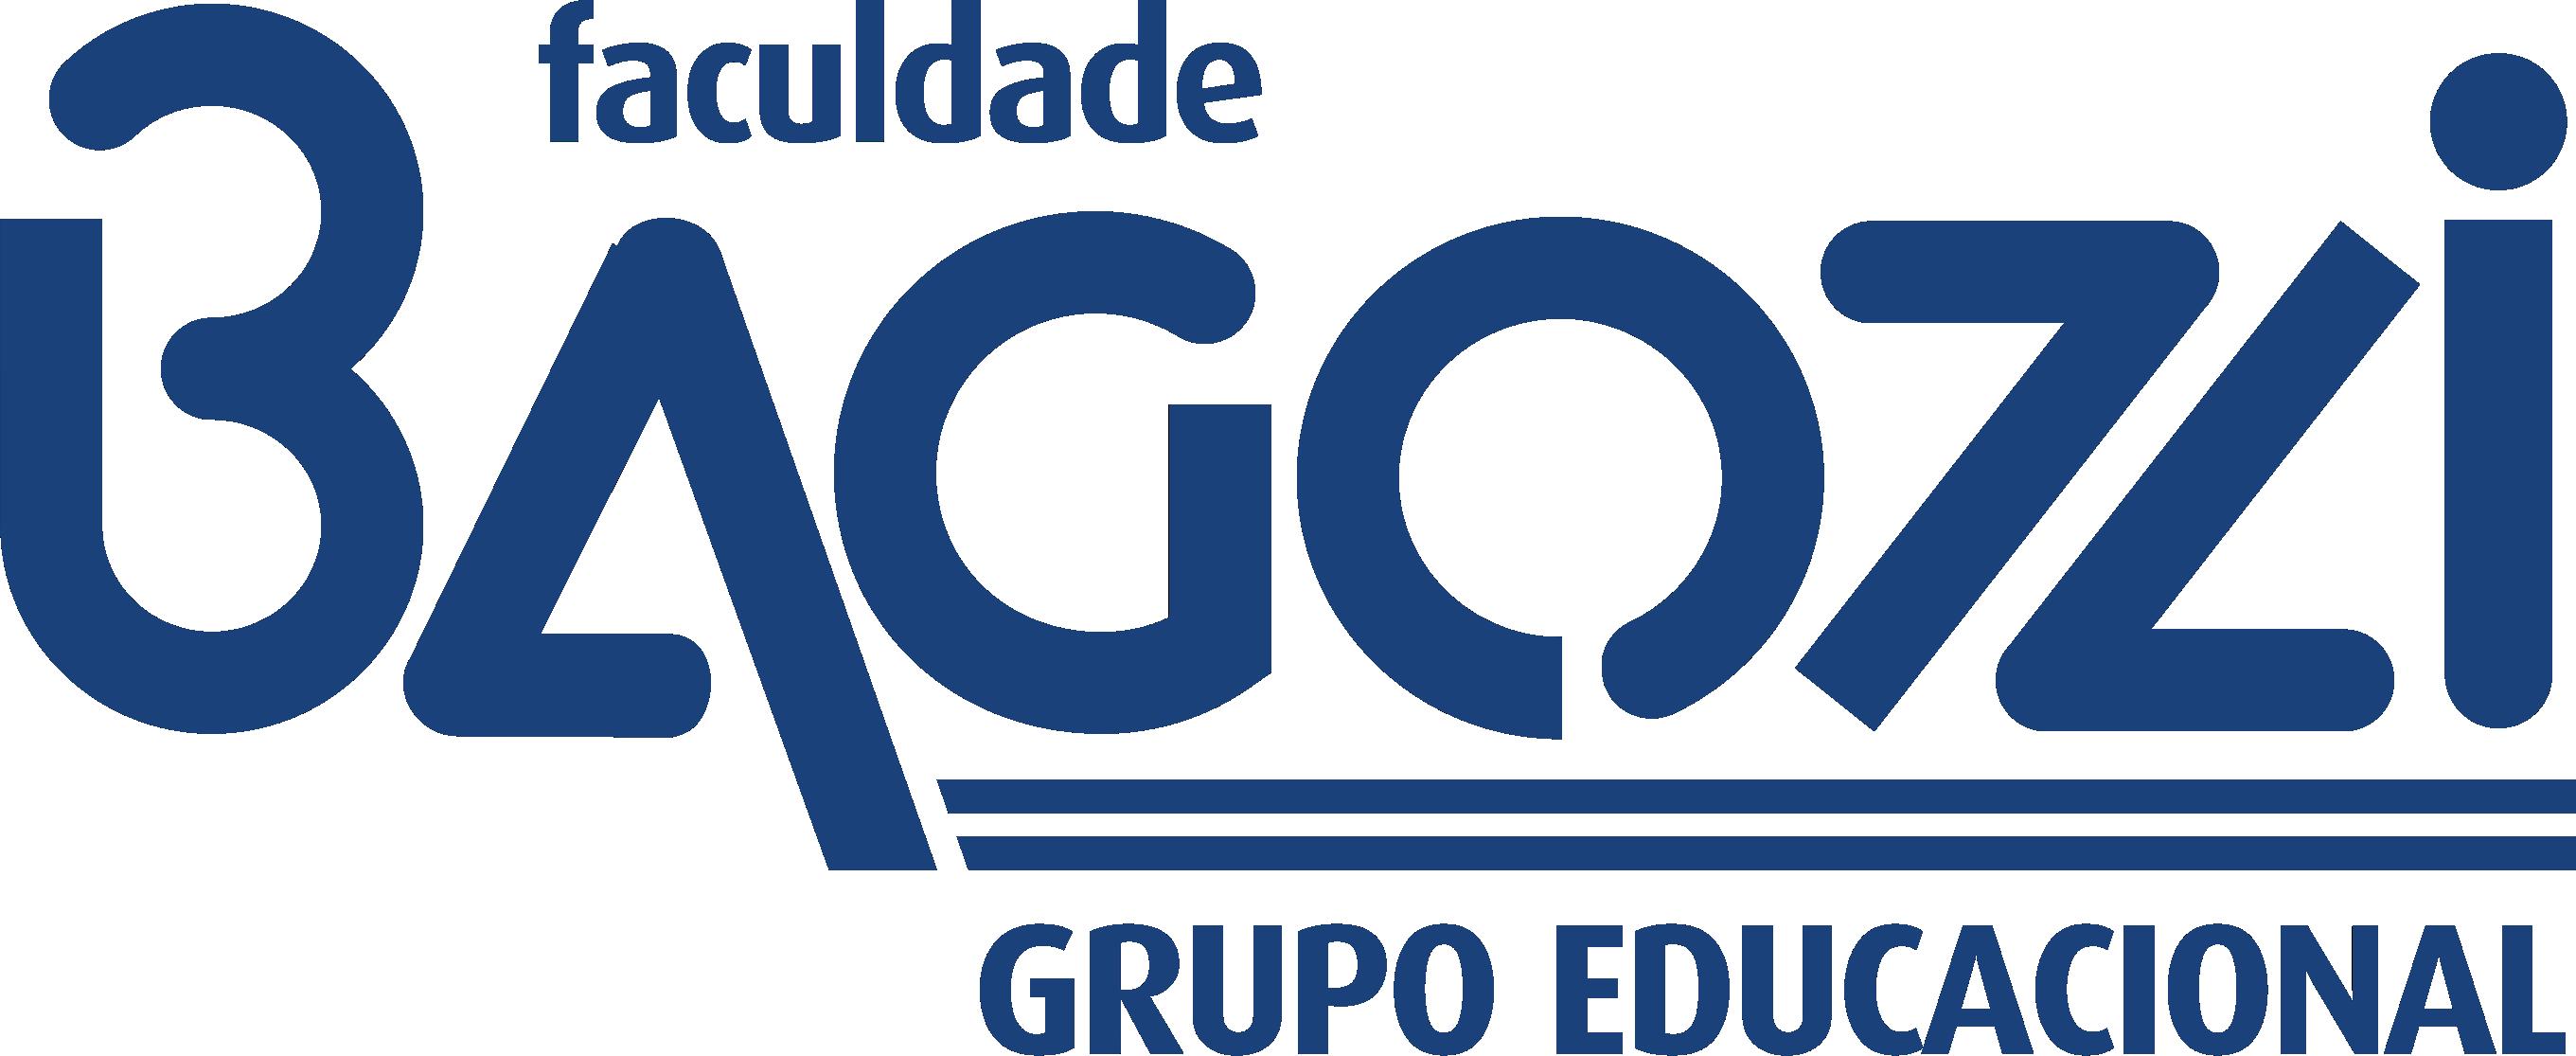 Faculdade Padre João Bagozzi